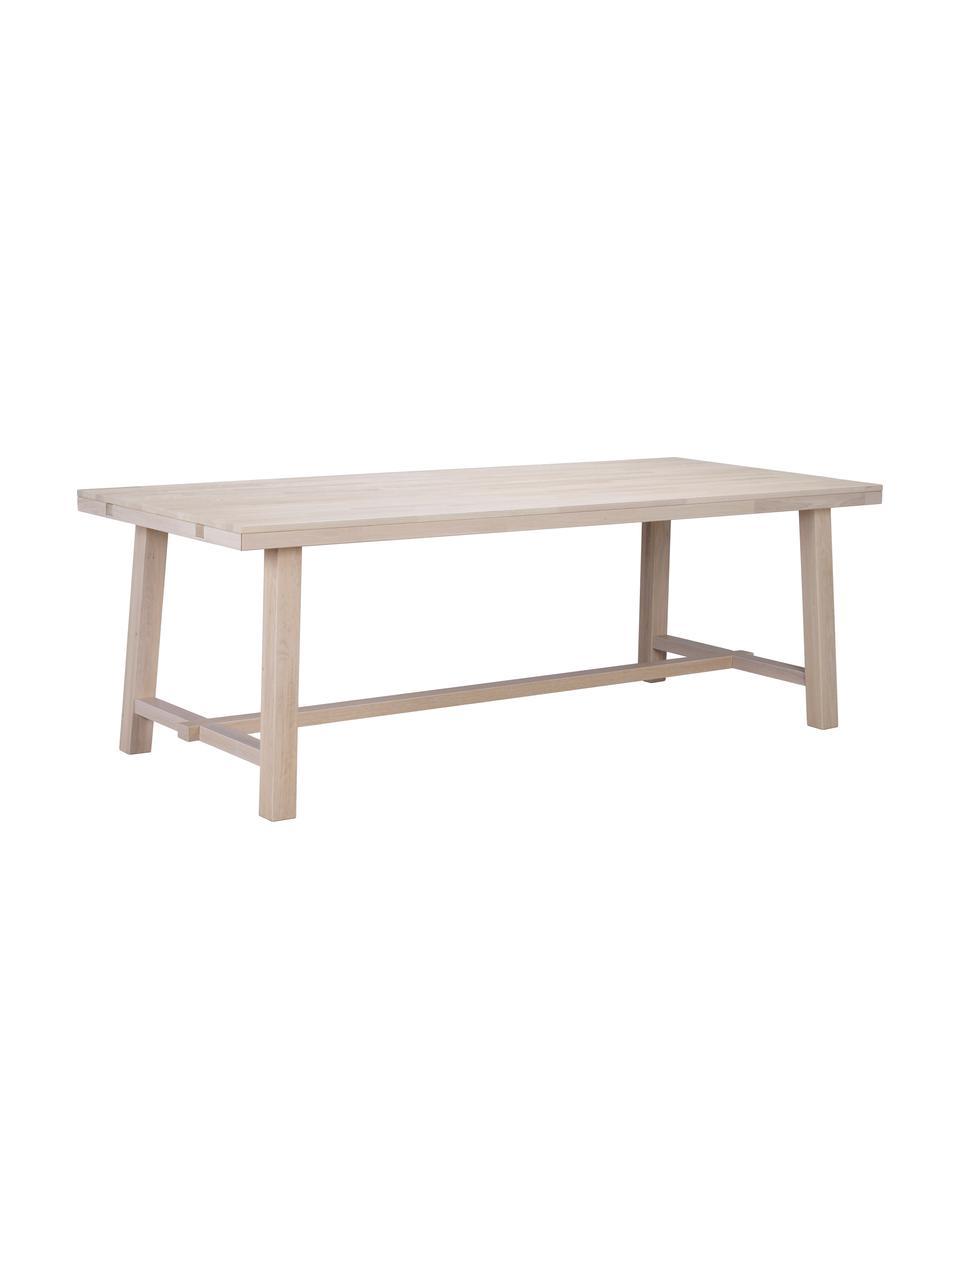 Tavolo in legno massello Brooklyn, Legno massello di rovere, sbiancato e oliato, Legno di quercia, sbiancato, Larg. 220 x Prof. 95 cm